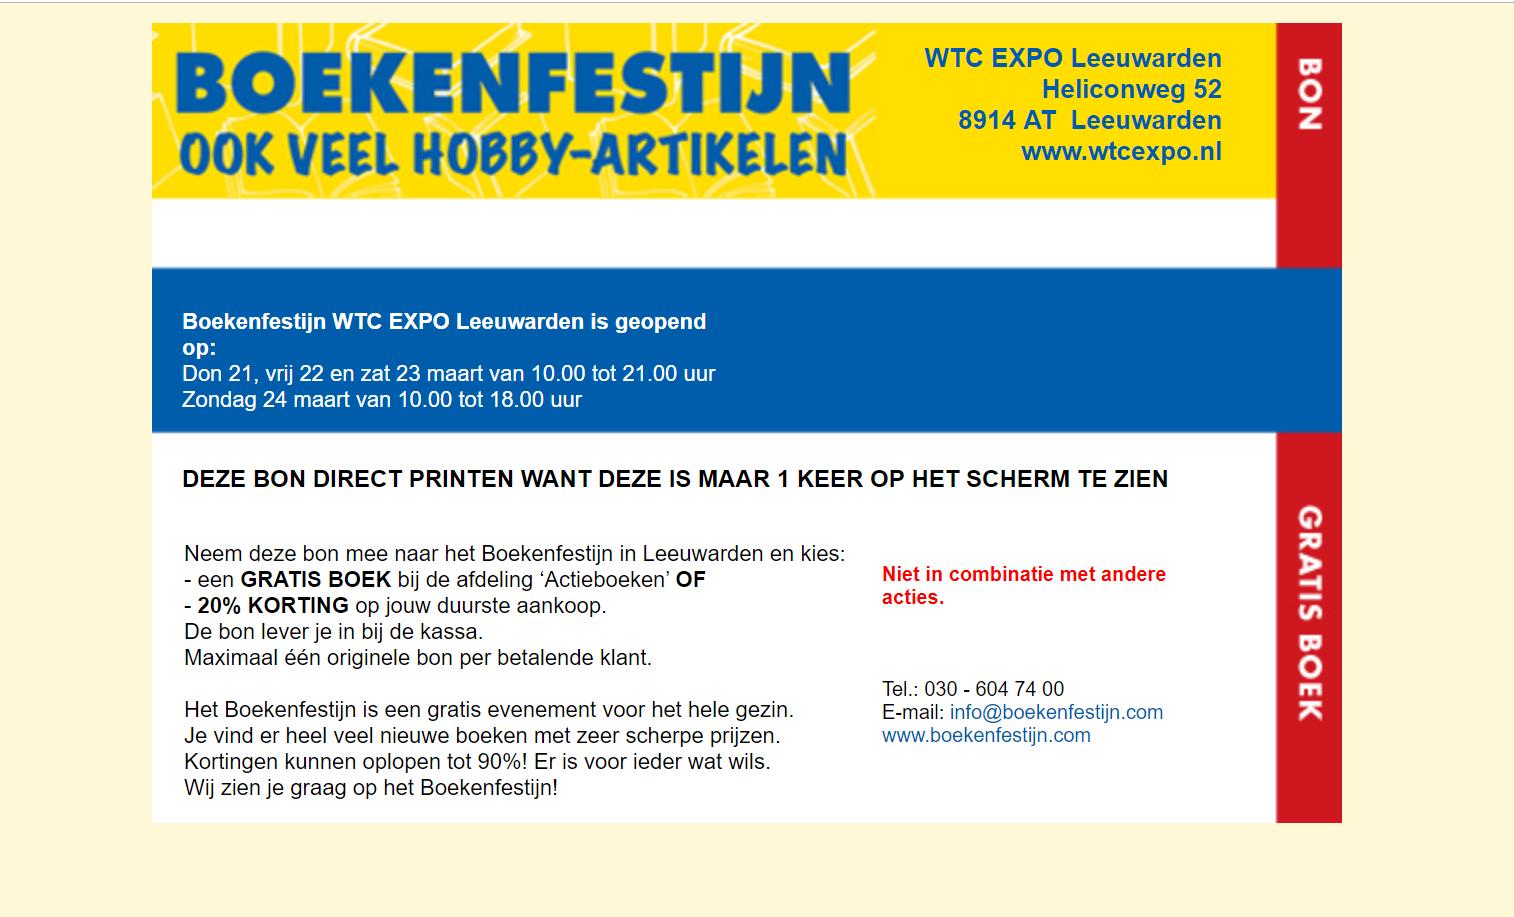 Bon voor gratis boek of 20% korting op duurste aankoop @ Boekenfestijn WTC EXPO Leeuwarden